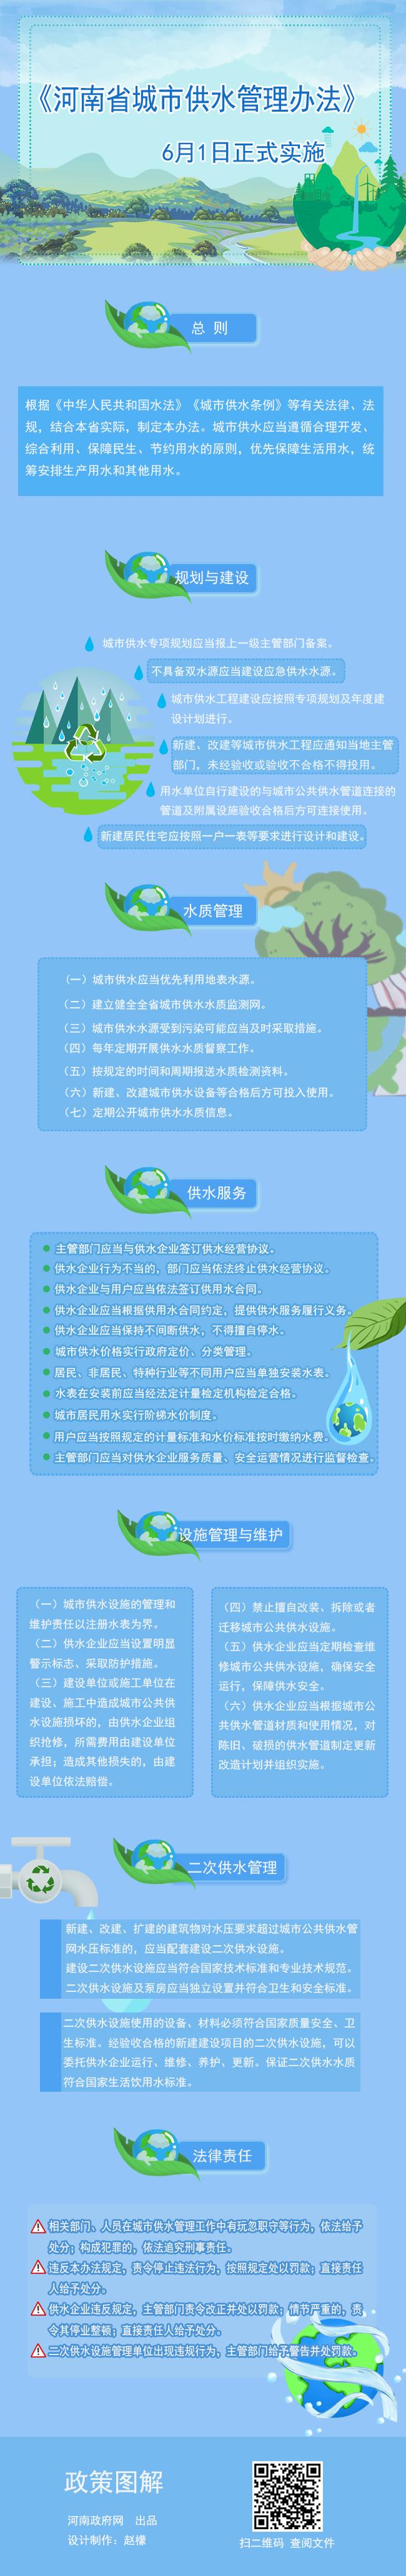 图解:《河南省城市供水管理办法》6月1日起正式施行